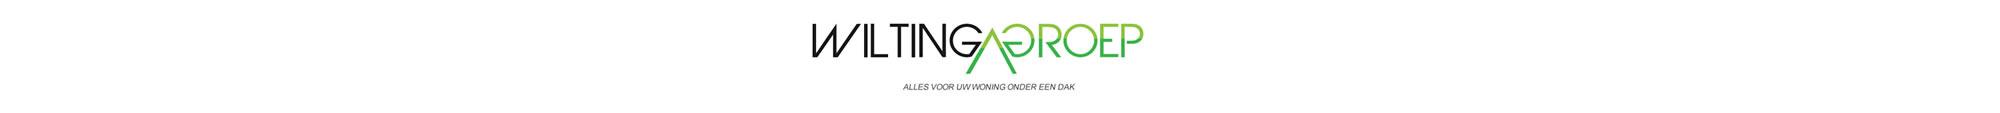 Topframe_witling-groep_veendam-bouwbedrijf-allround-aannemer-2019